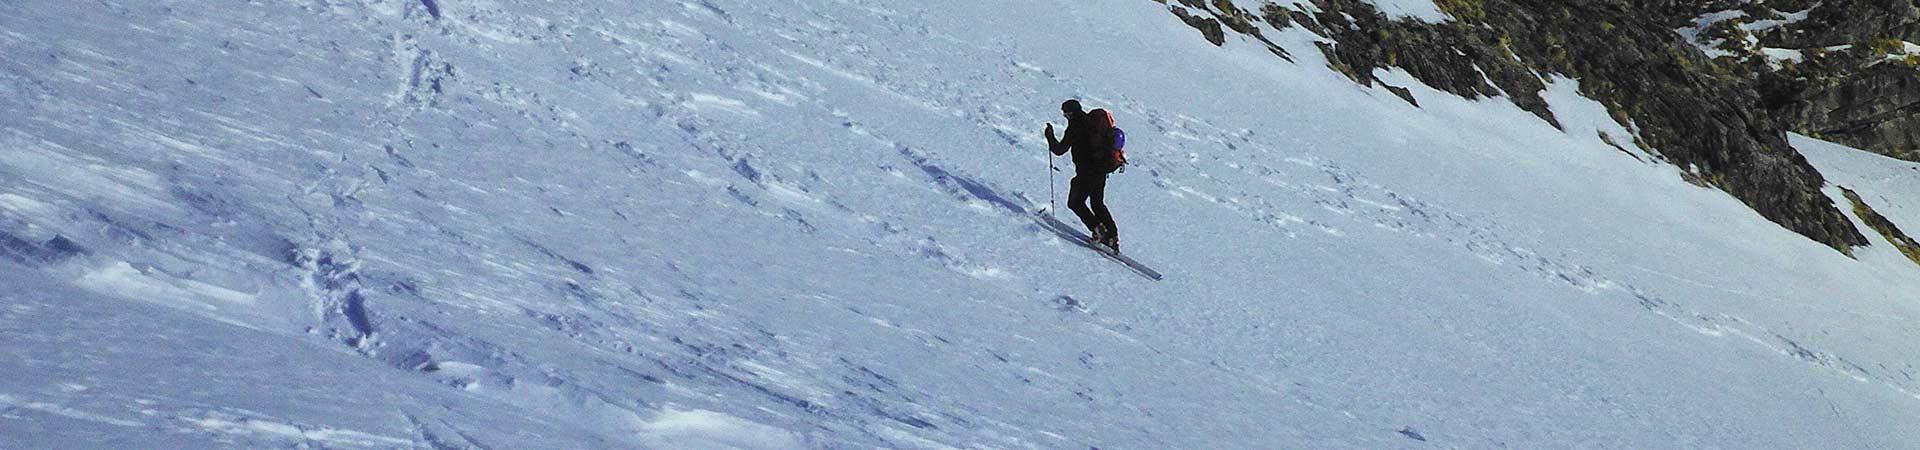 Bateig-Esquí-de-Muntanya-